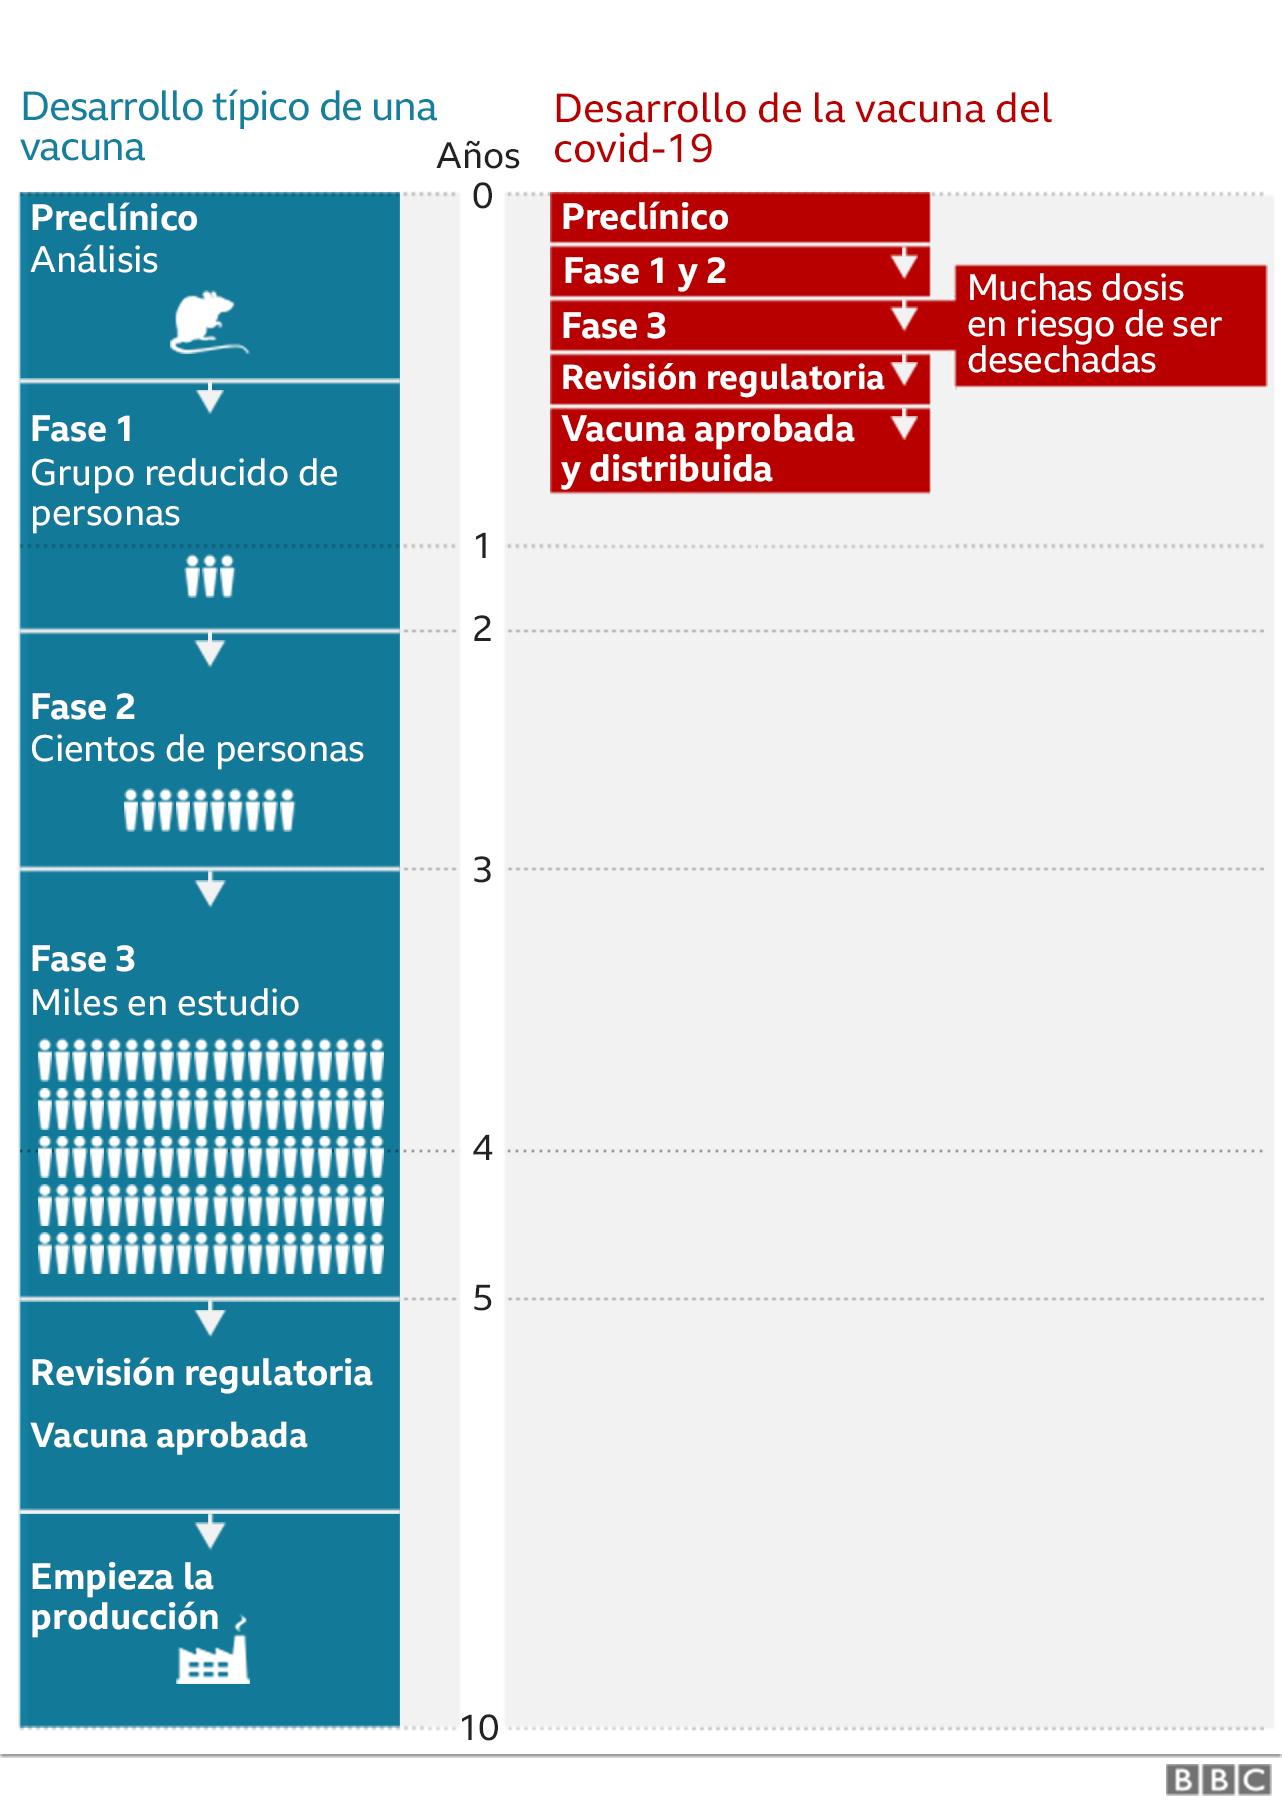 Gráfico de desarollo de una vacuna